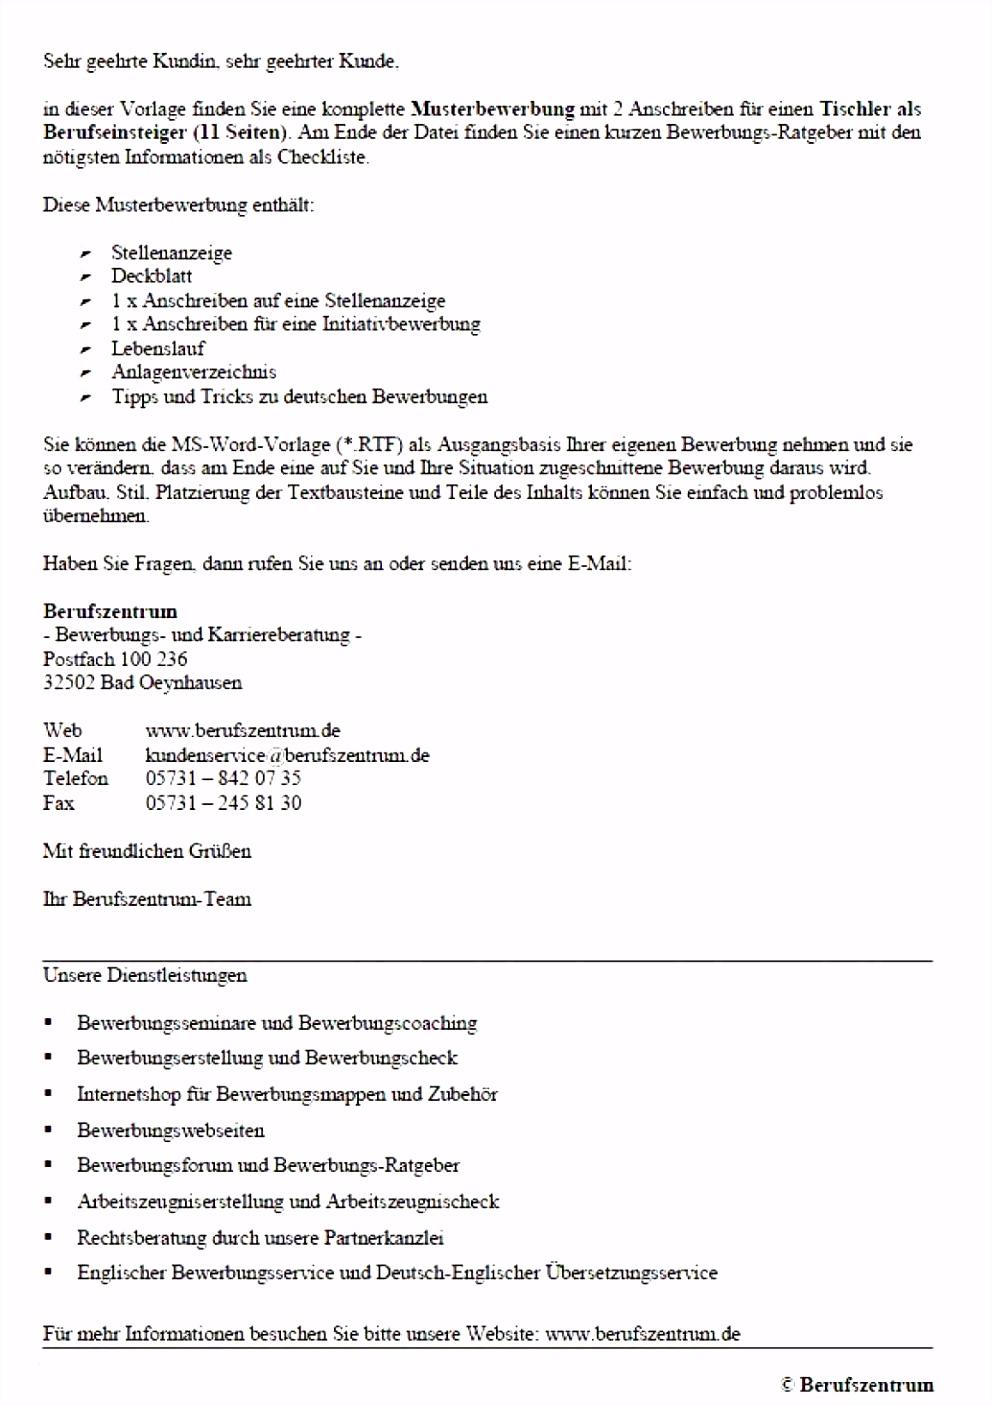 Vorlage Arbeitszeugnis Pflege 50 Druckbare Arbeitszeugnis Vorlage Sehr Gut A3jw36las6 Zuyrsukob6